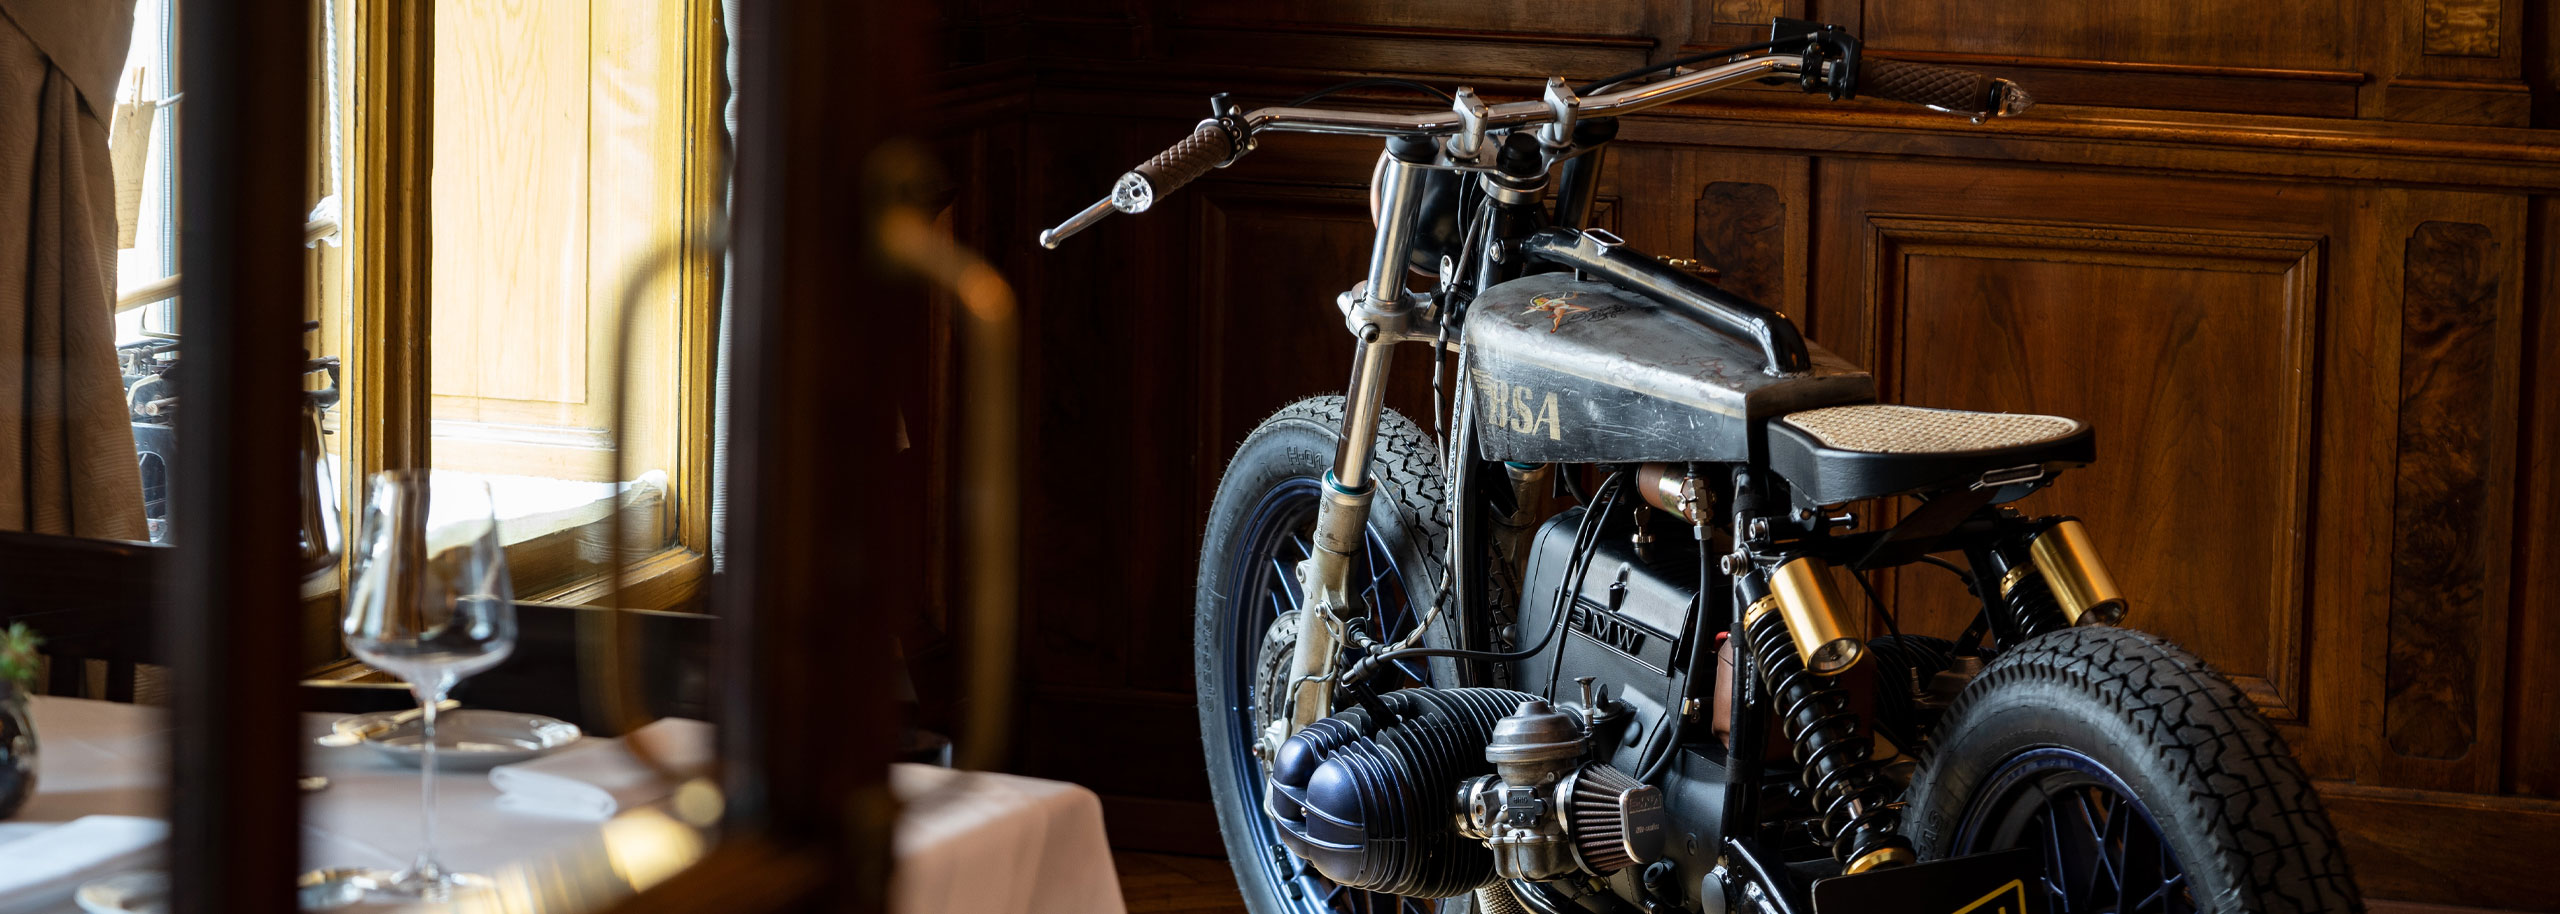 TITAN-Stunnin-Sigrid-Real-Austrian-Cafe-Racer-Shop-Graz-BMW-Motorrad-Umbau-Styrian-Design-Typisiert-Strassenzulassung-03